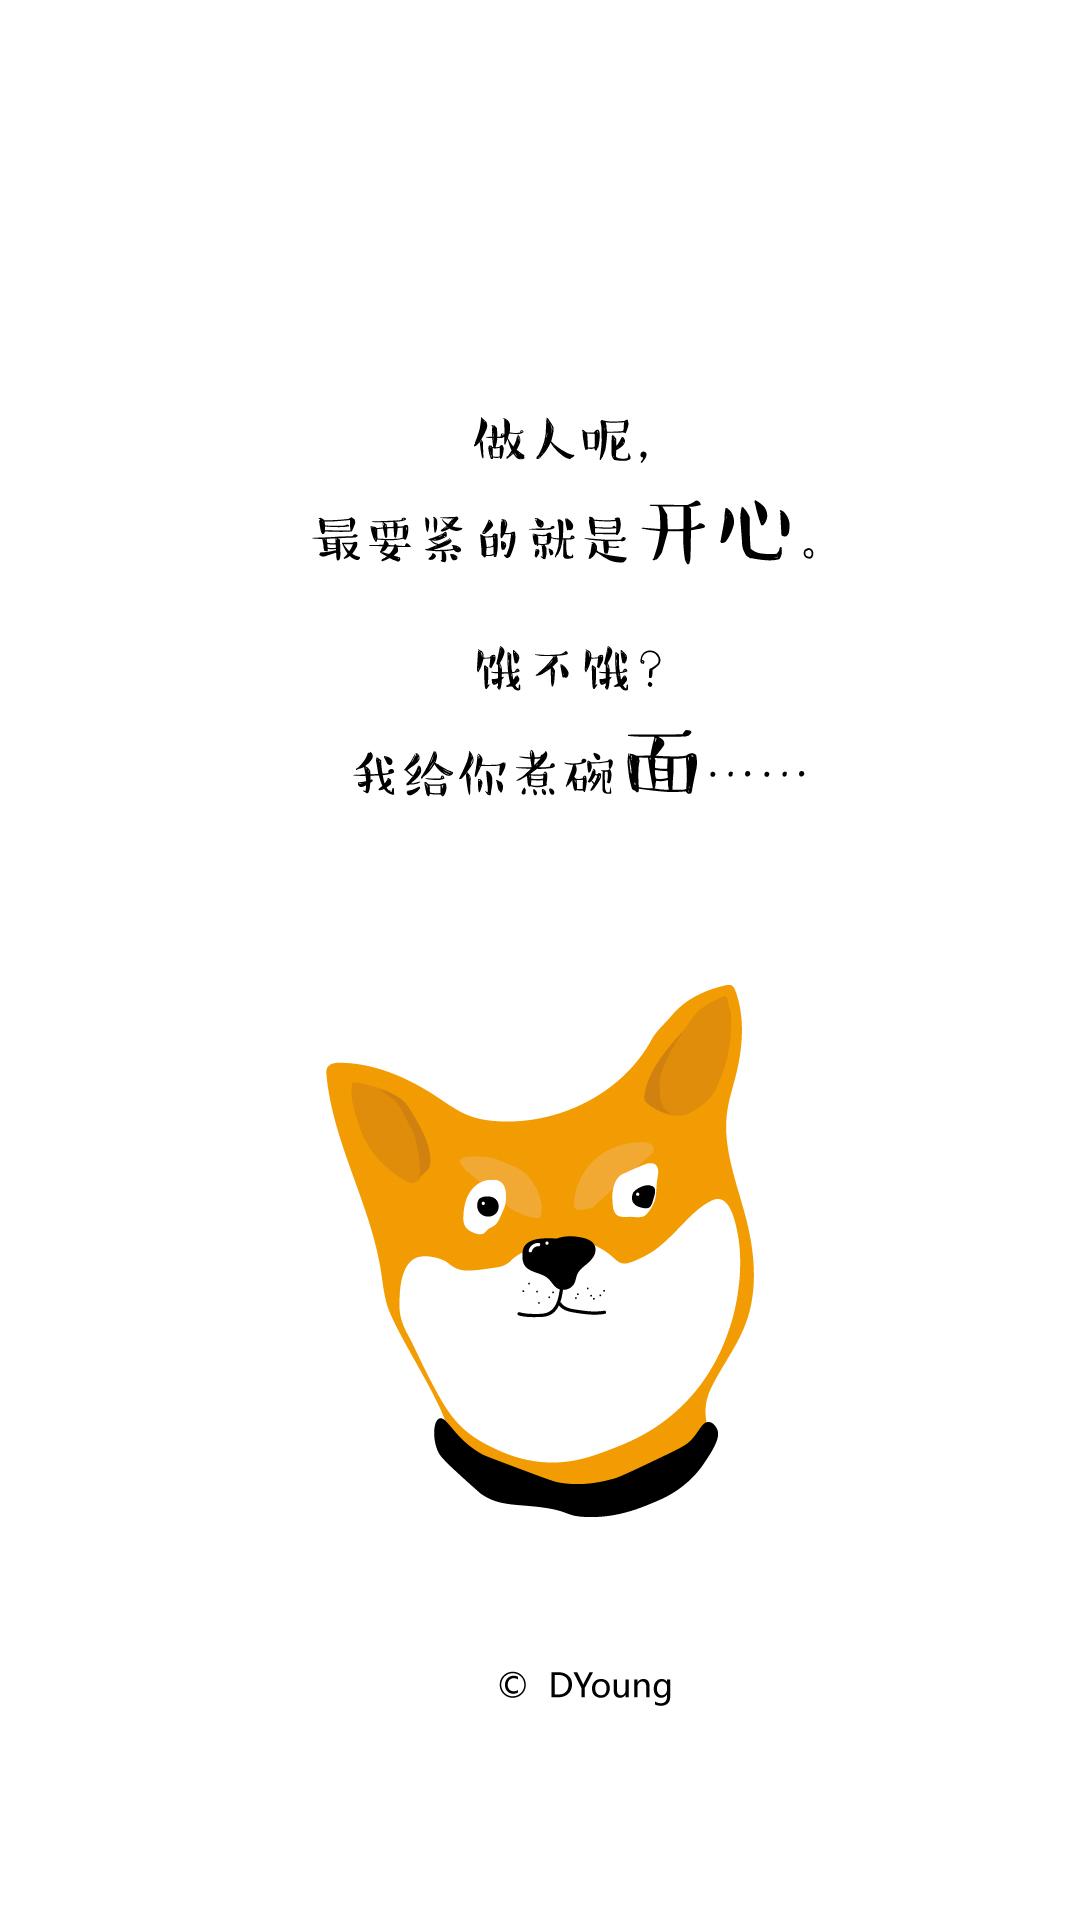 【原创】狗年手机壁纸-5iux